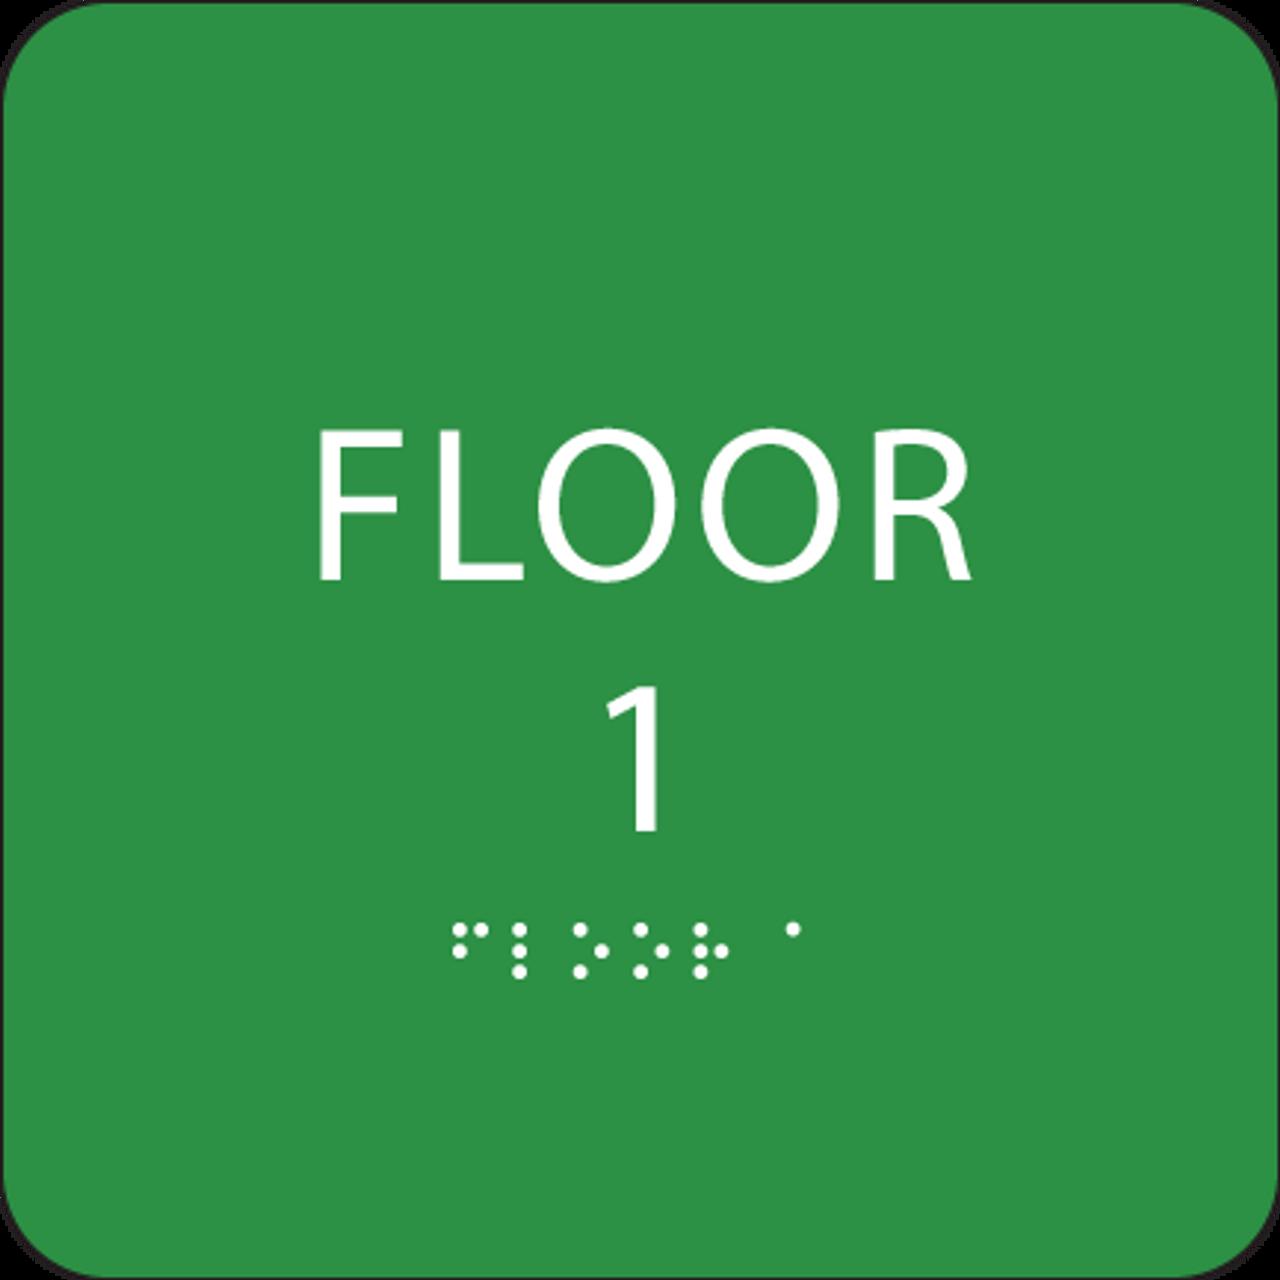 Green Floor 1 Number Sign